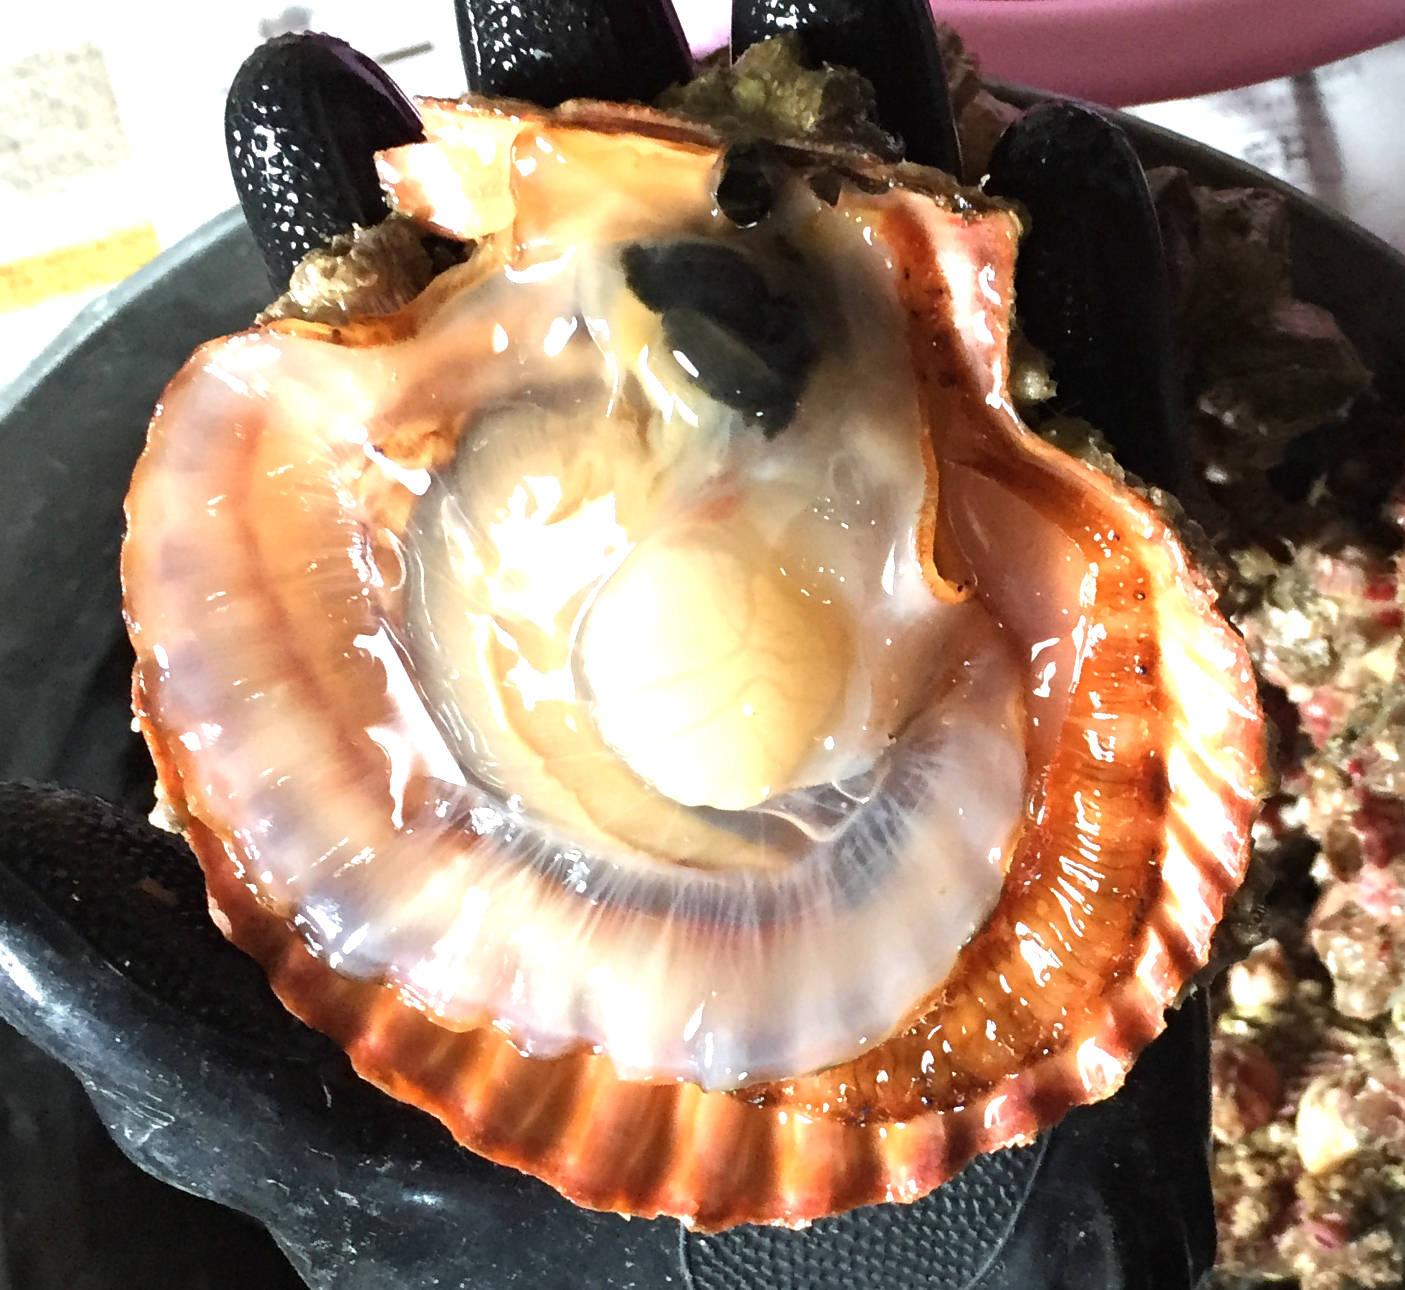 ヒオウギガイ(緋扇貝)の写真